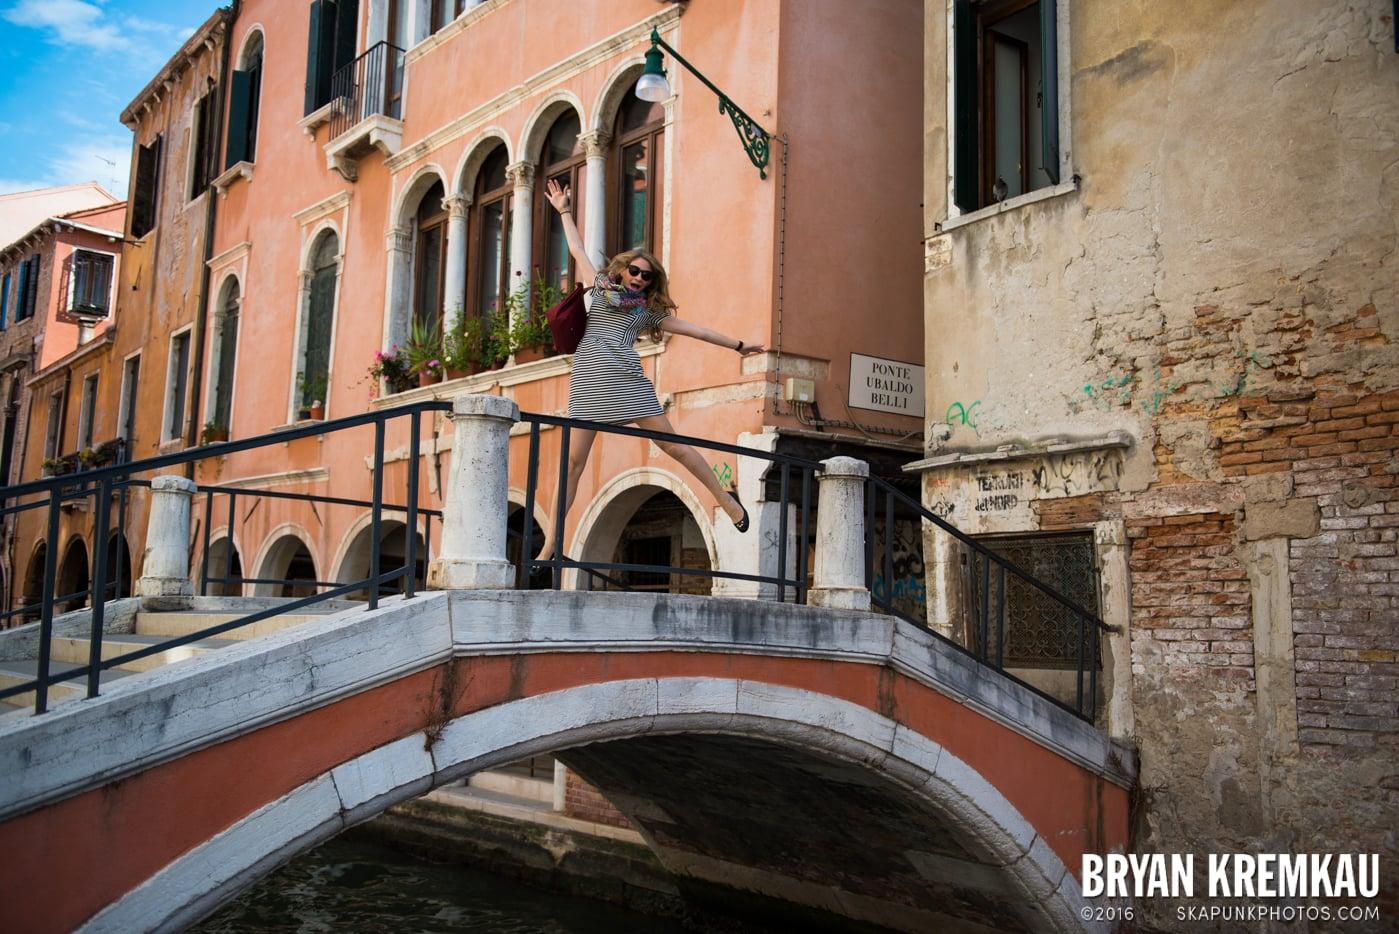 Italy Vacation - Day 5: Venice - 9.13.13 (71)